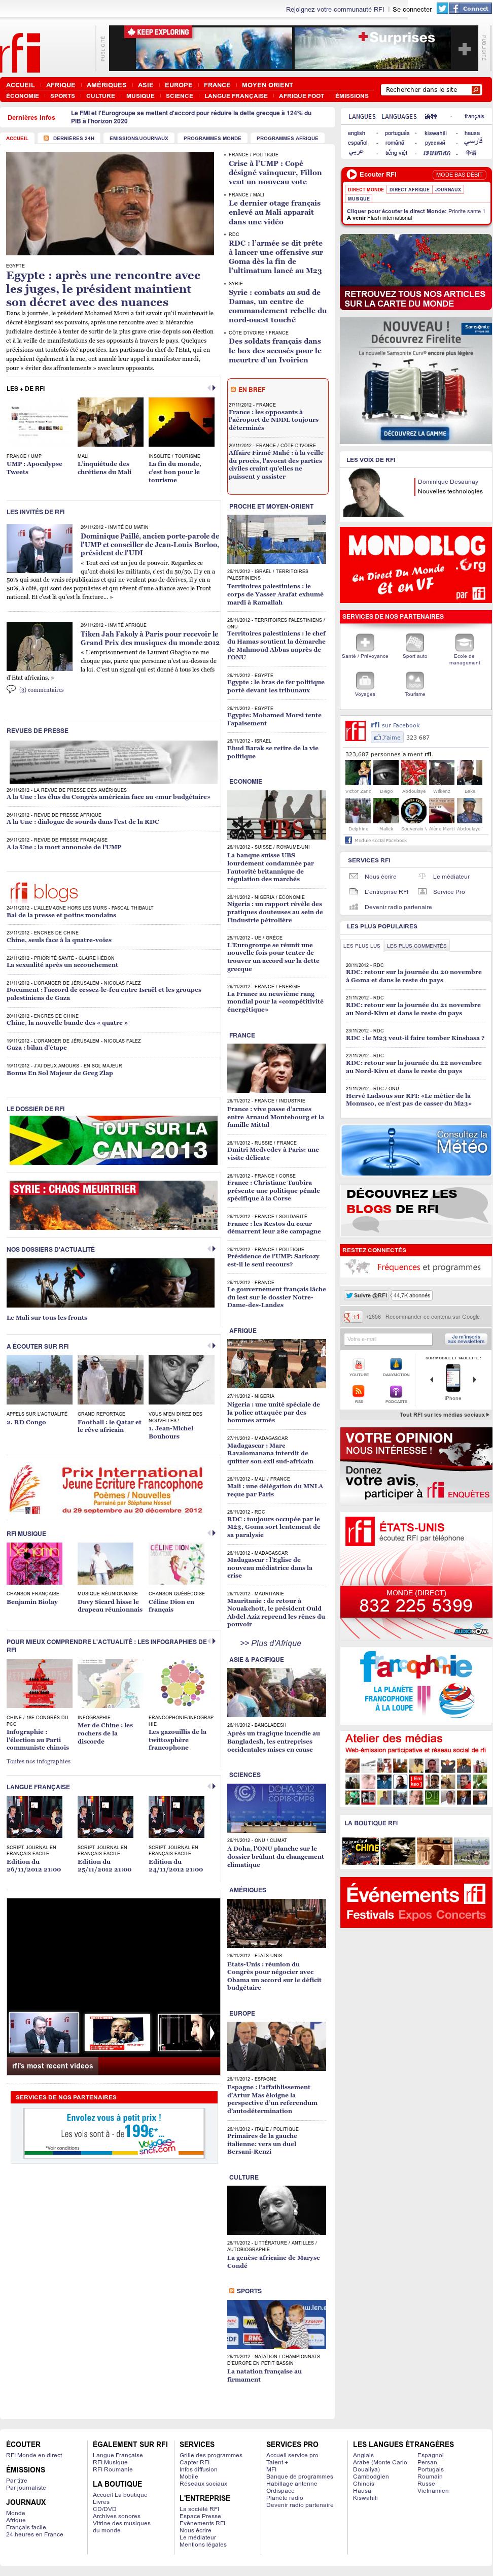 RFI at Tuesday Nov. 27, 2012, 2:28 a.m. UTC